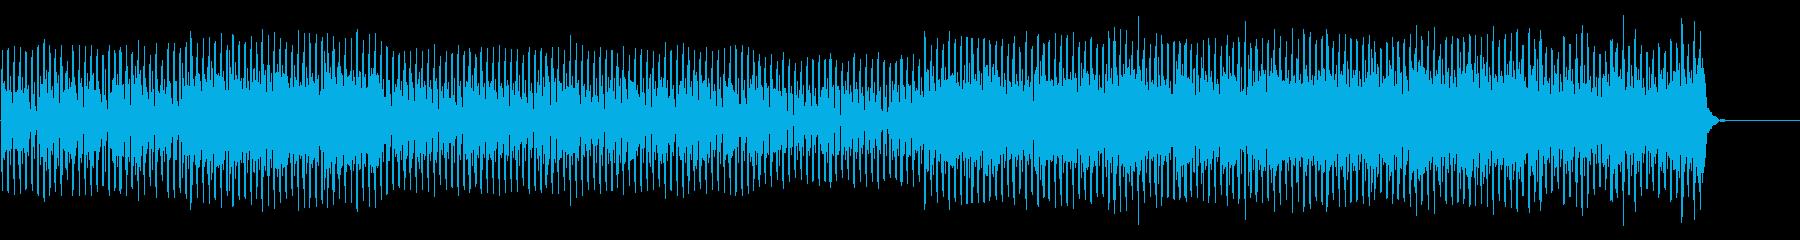 疾走感のあるクールなテクノポップの再生済みの波形